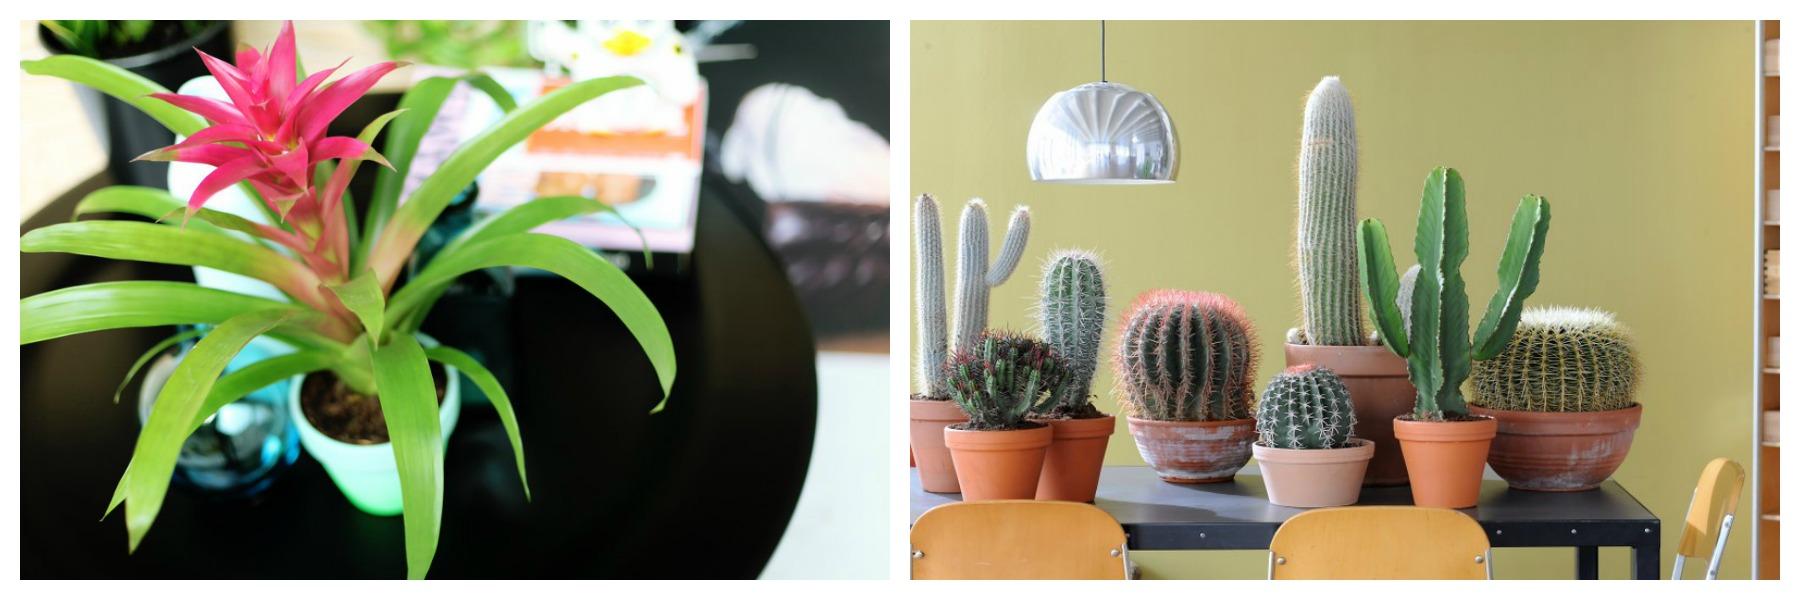 Bromelia en cactussen ©mooiwatplantendoen.nl